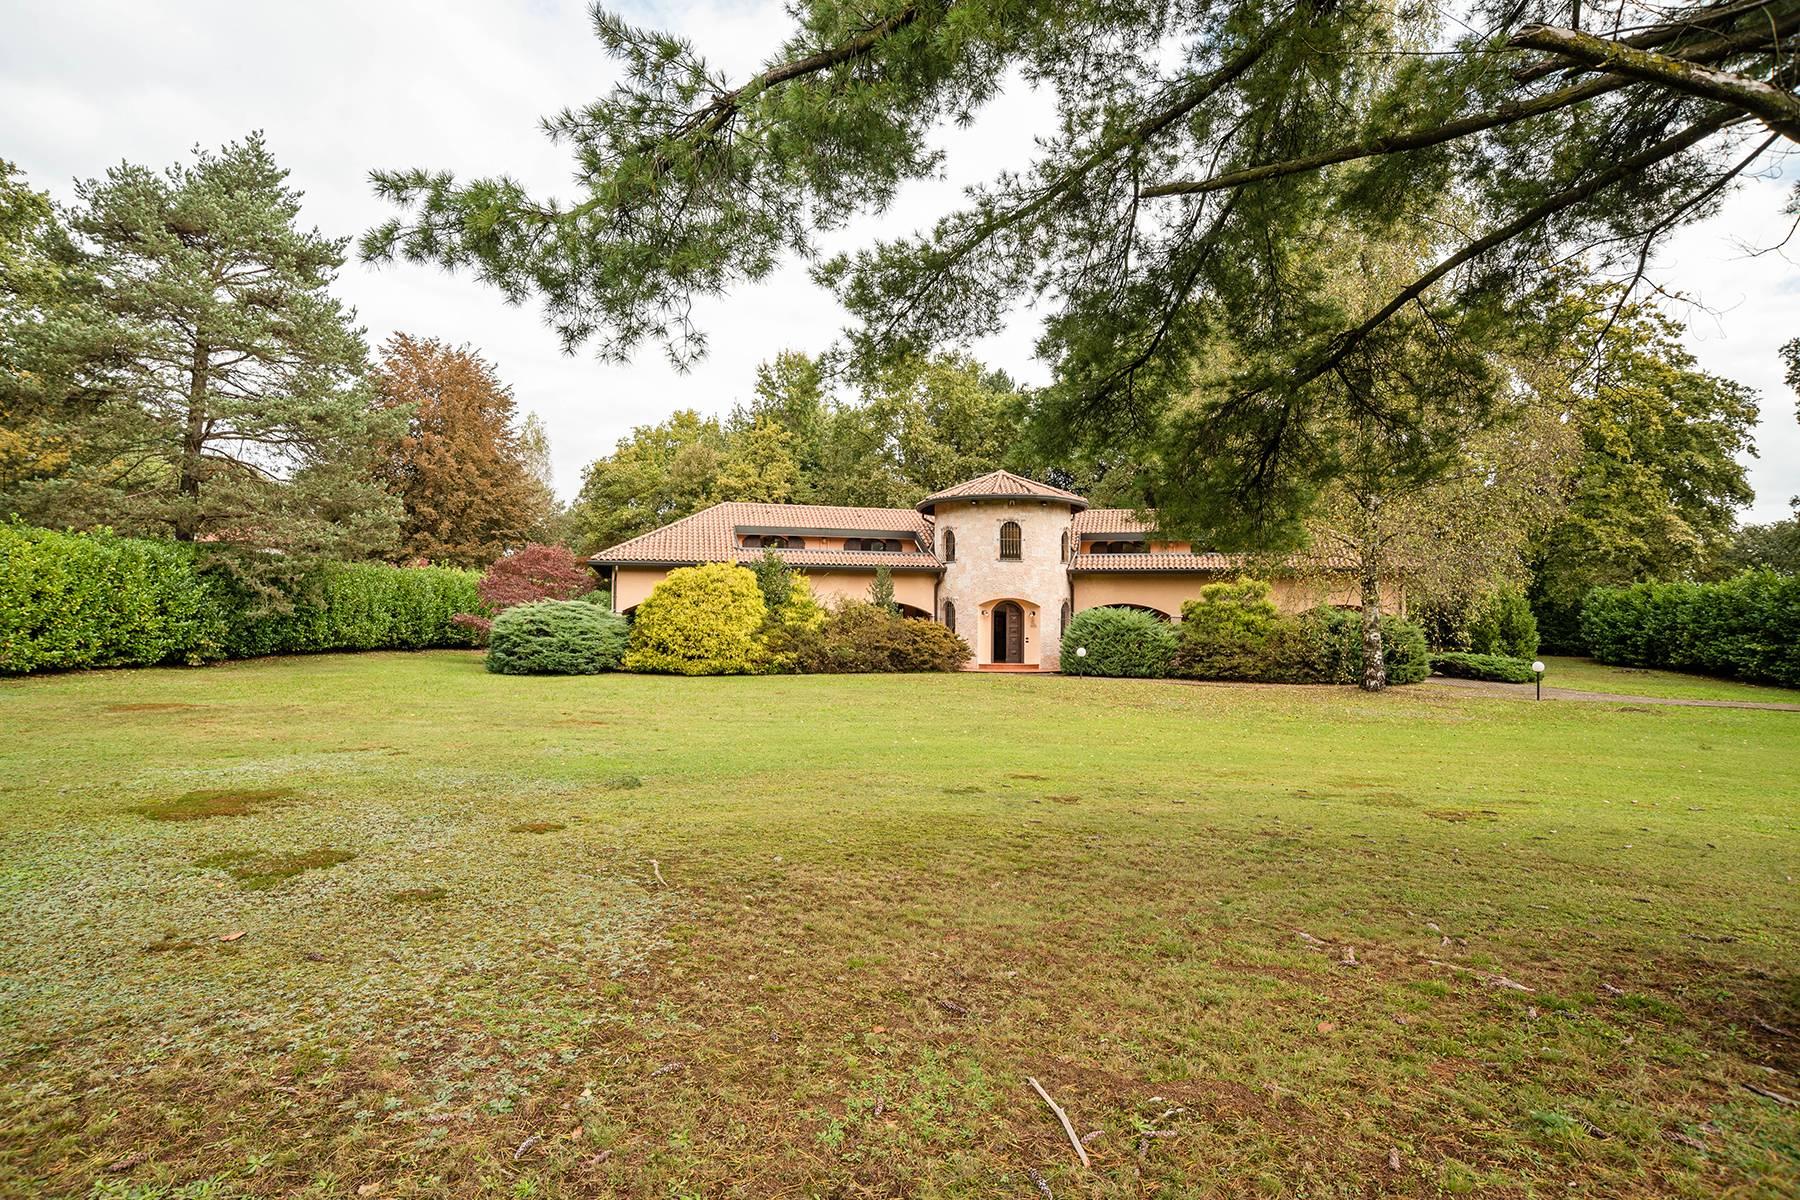 Villa in Vendita a Guanzate: 5 locali, 800 mq - Foto 5